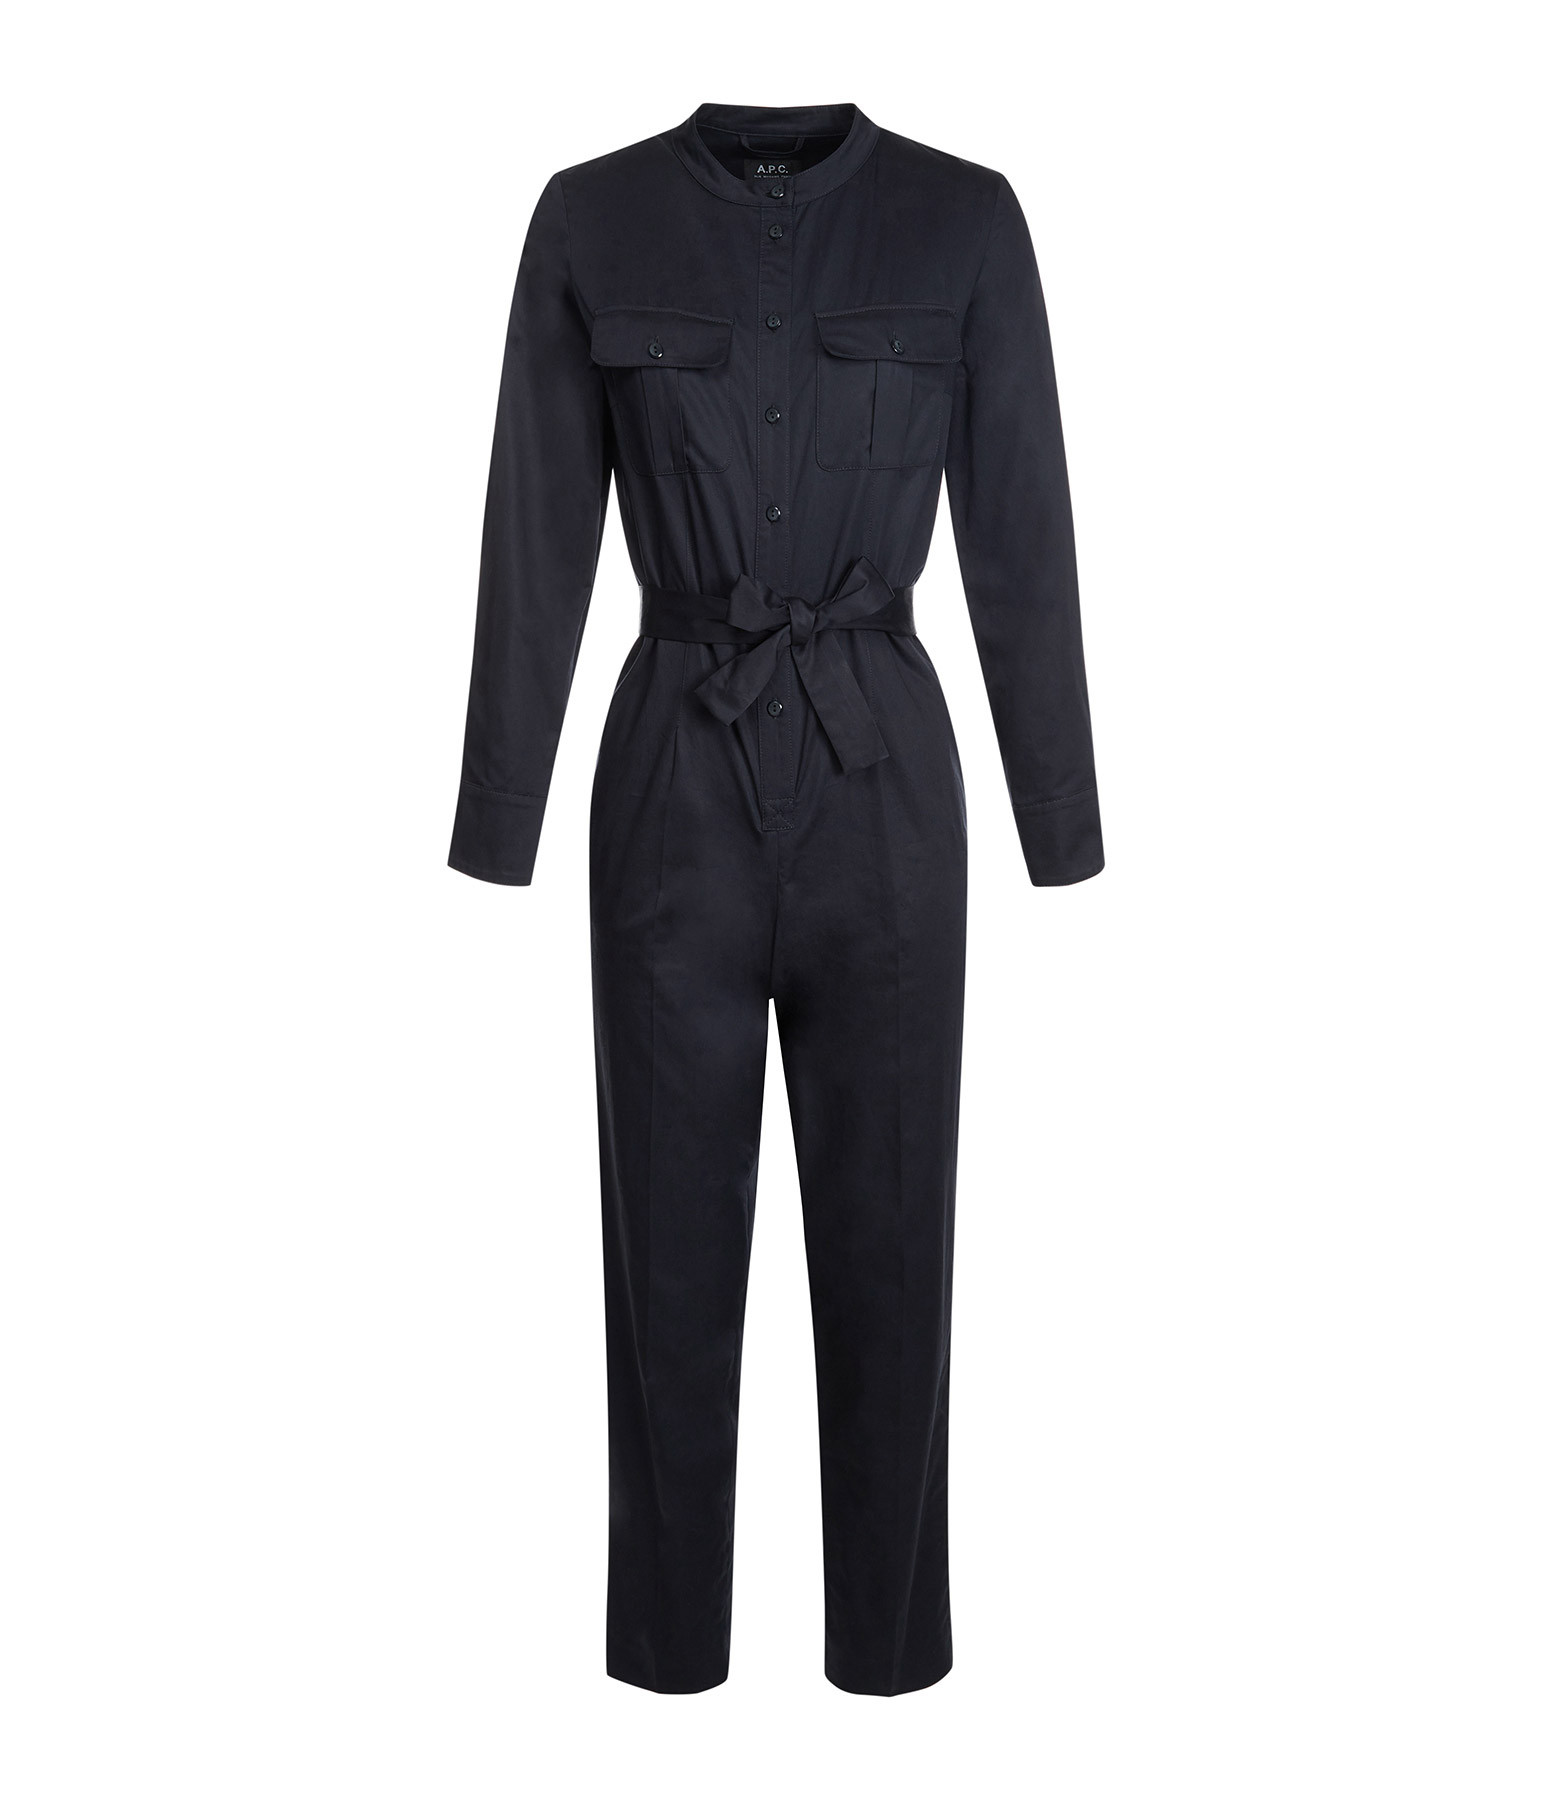 A.P.C. - Combinaison Pantalon Eleonore Navy Foncé